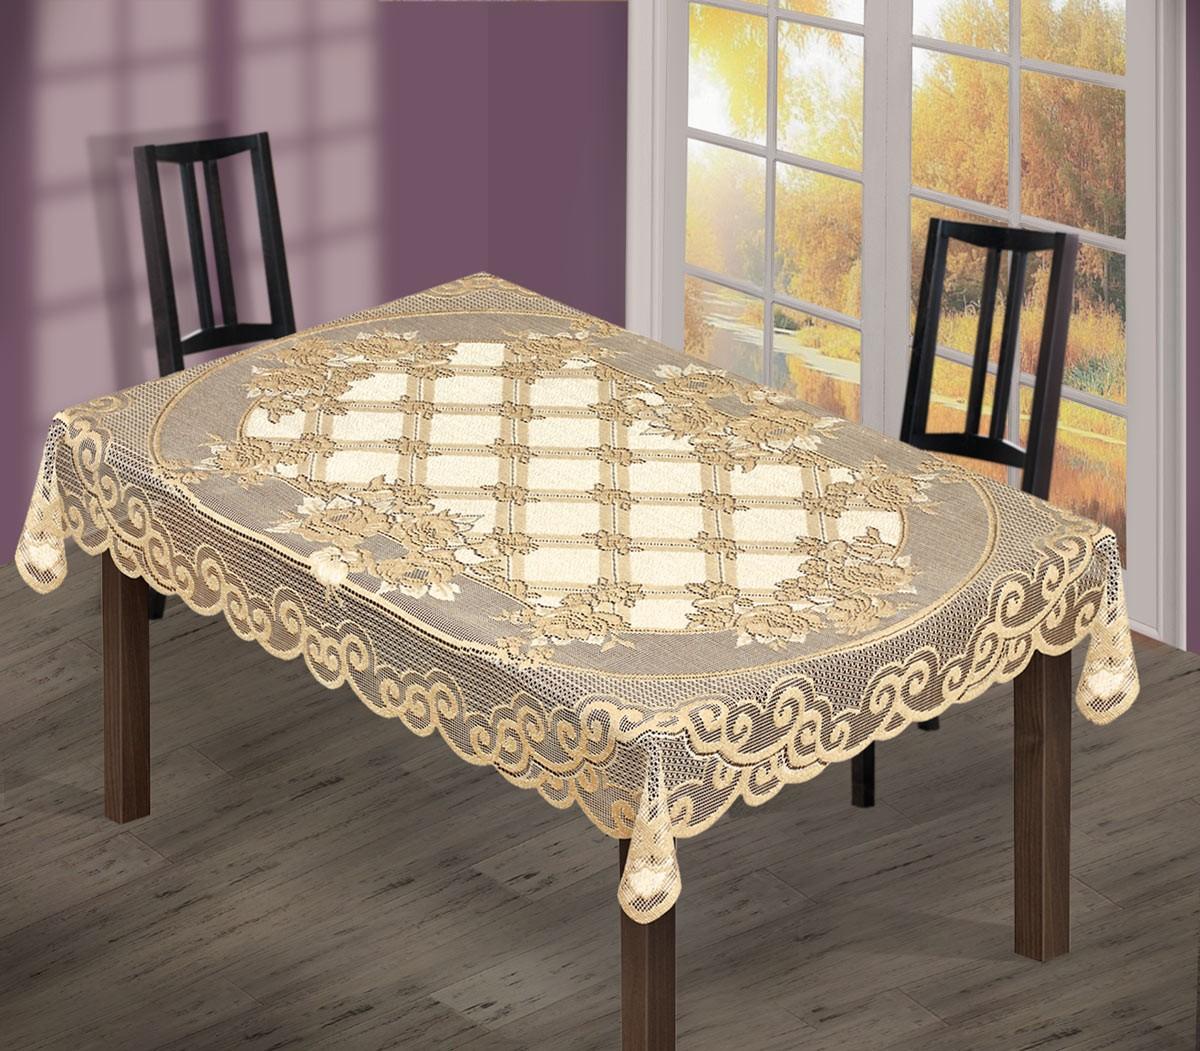 Скатерть  244034/150/3, прямоугольная, размеры:150 см х 250 см,  цвет: кремово-золотистый